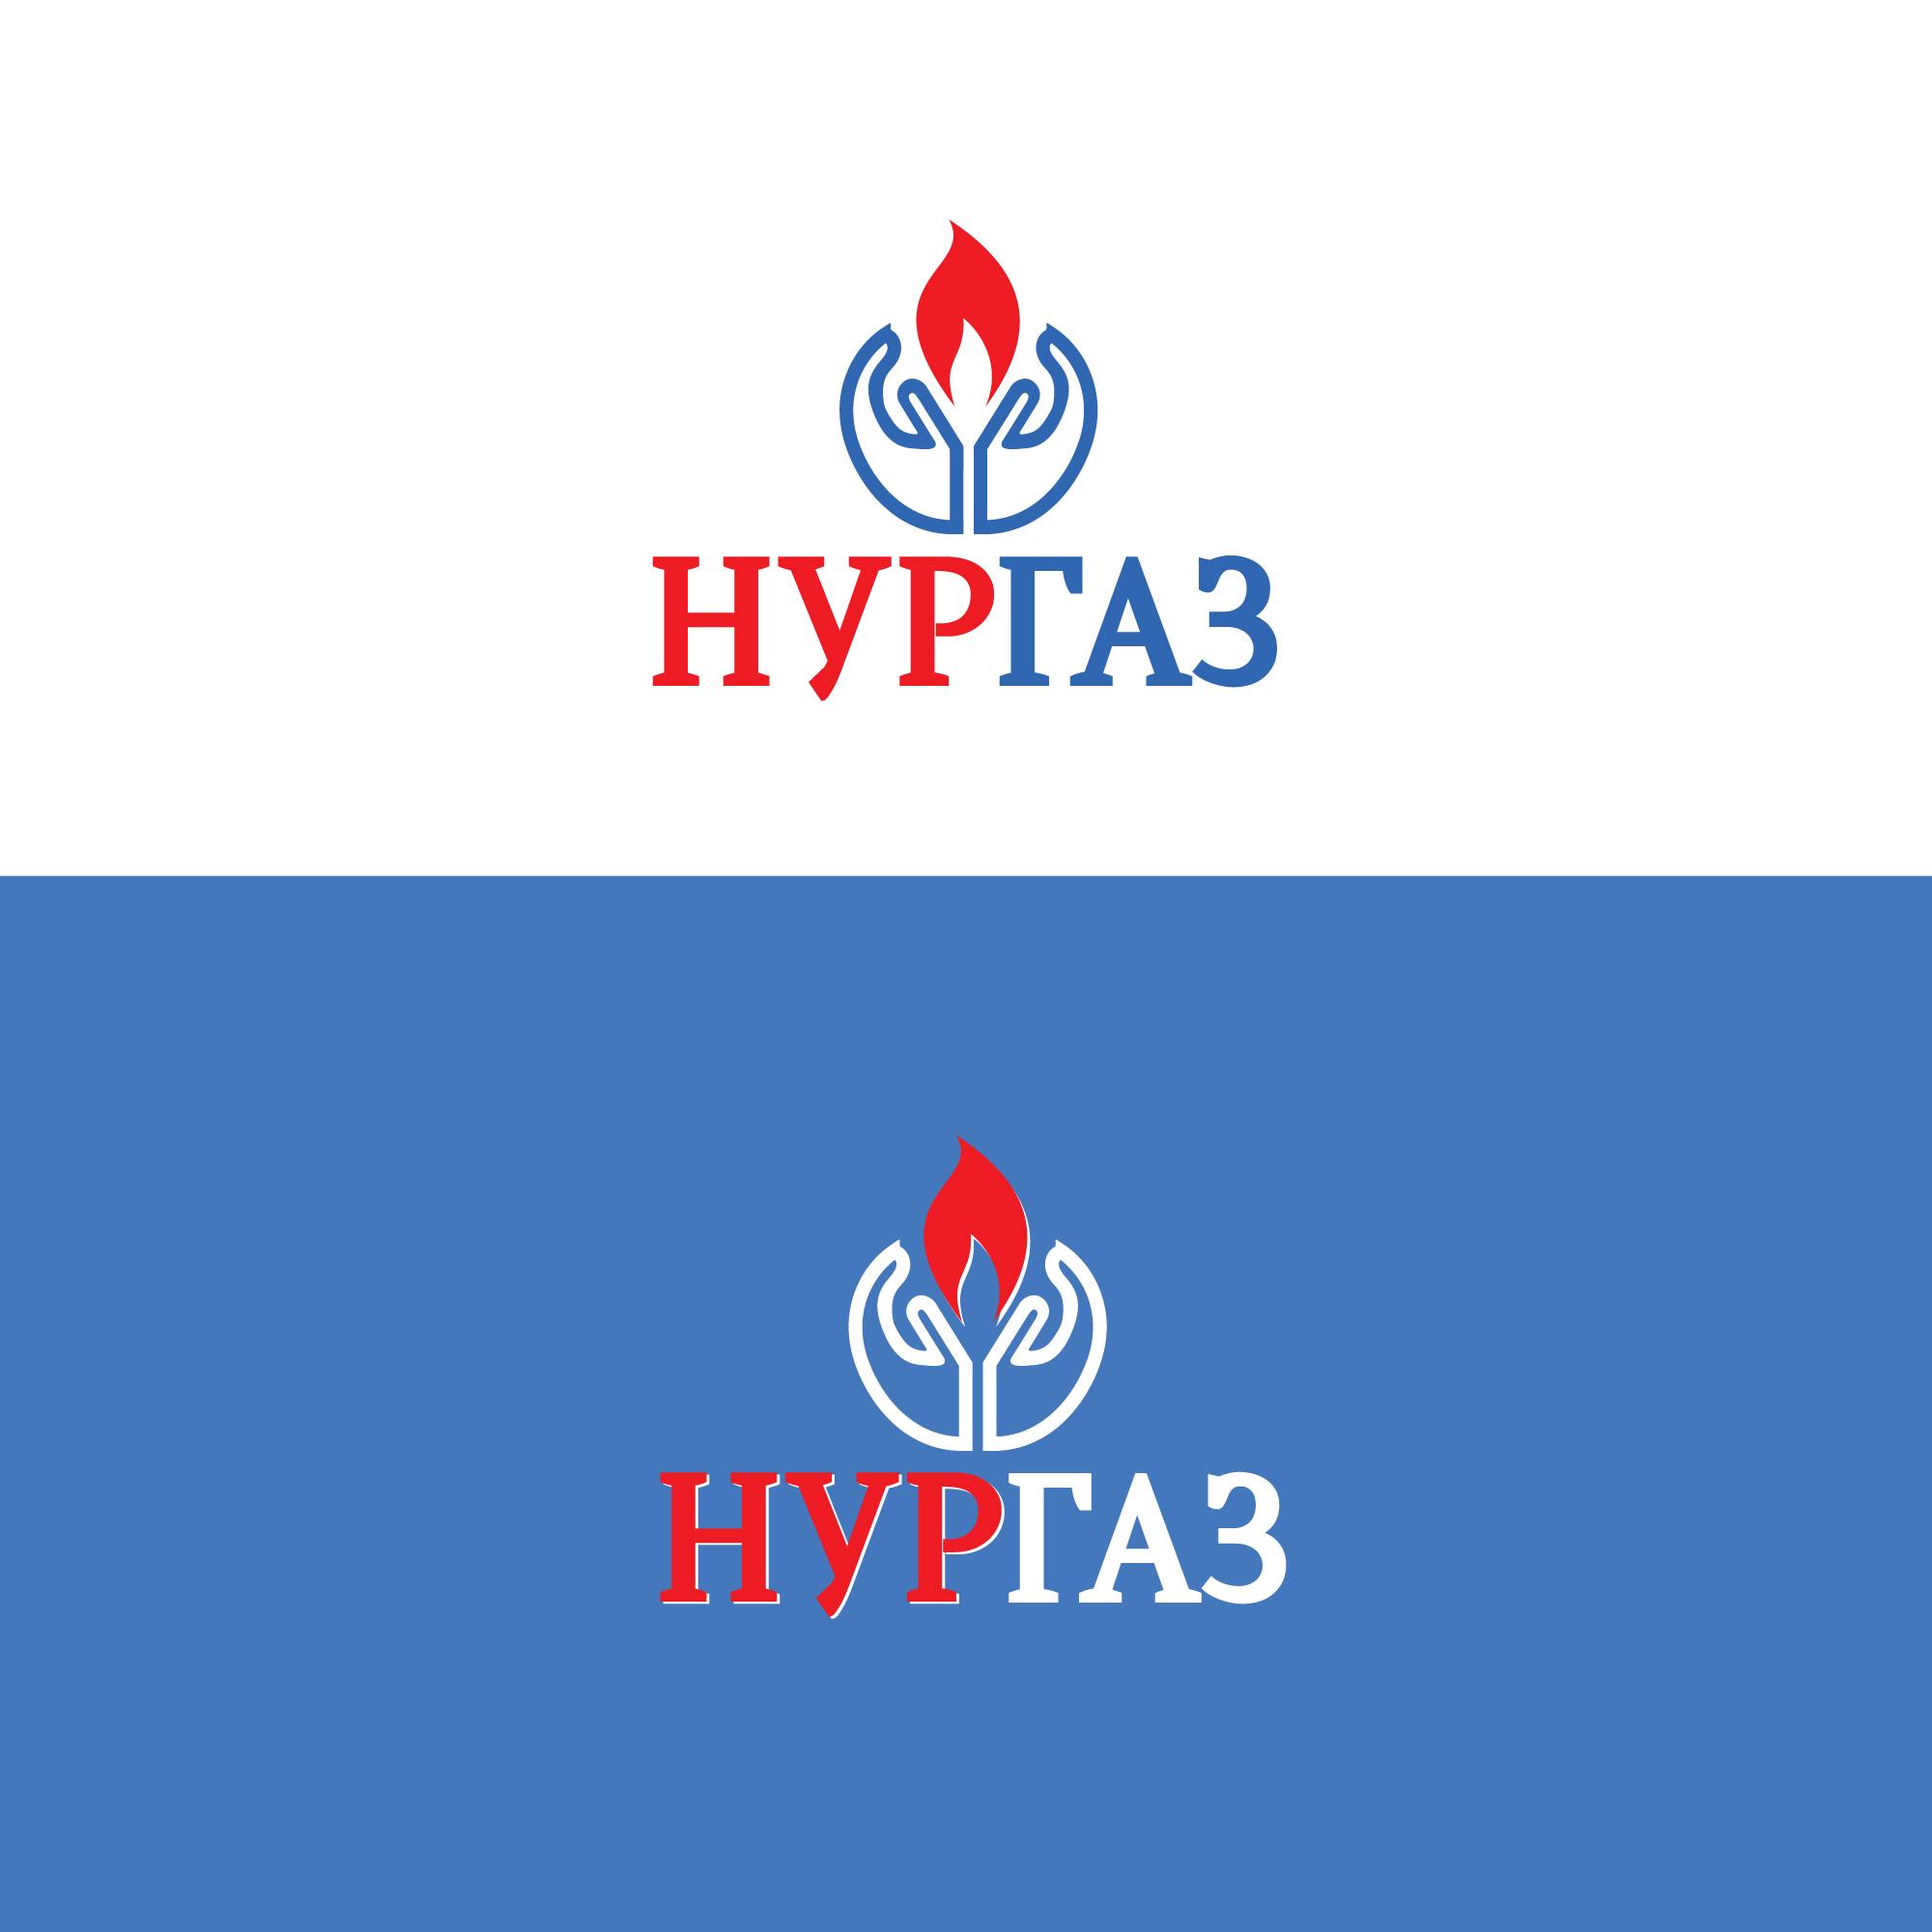 Разработка логотипа и фирменного стиля фото f_9025d99738c63972.jpg